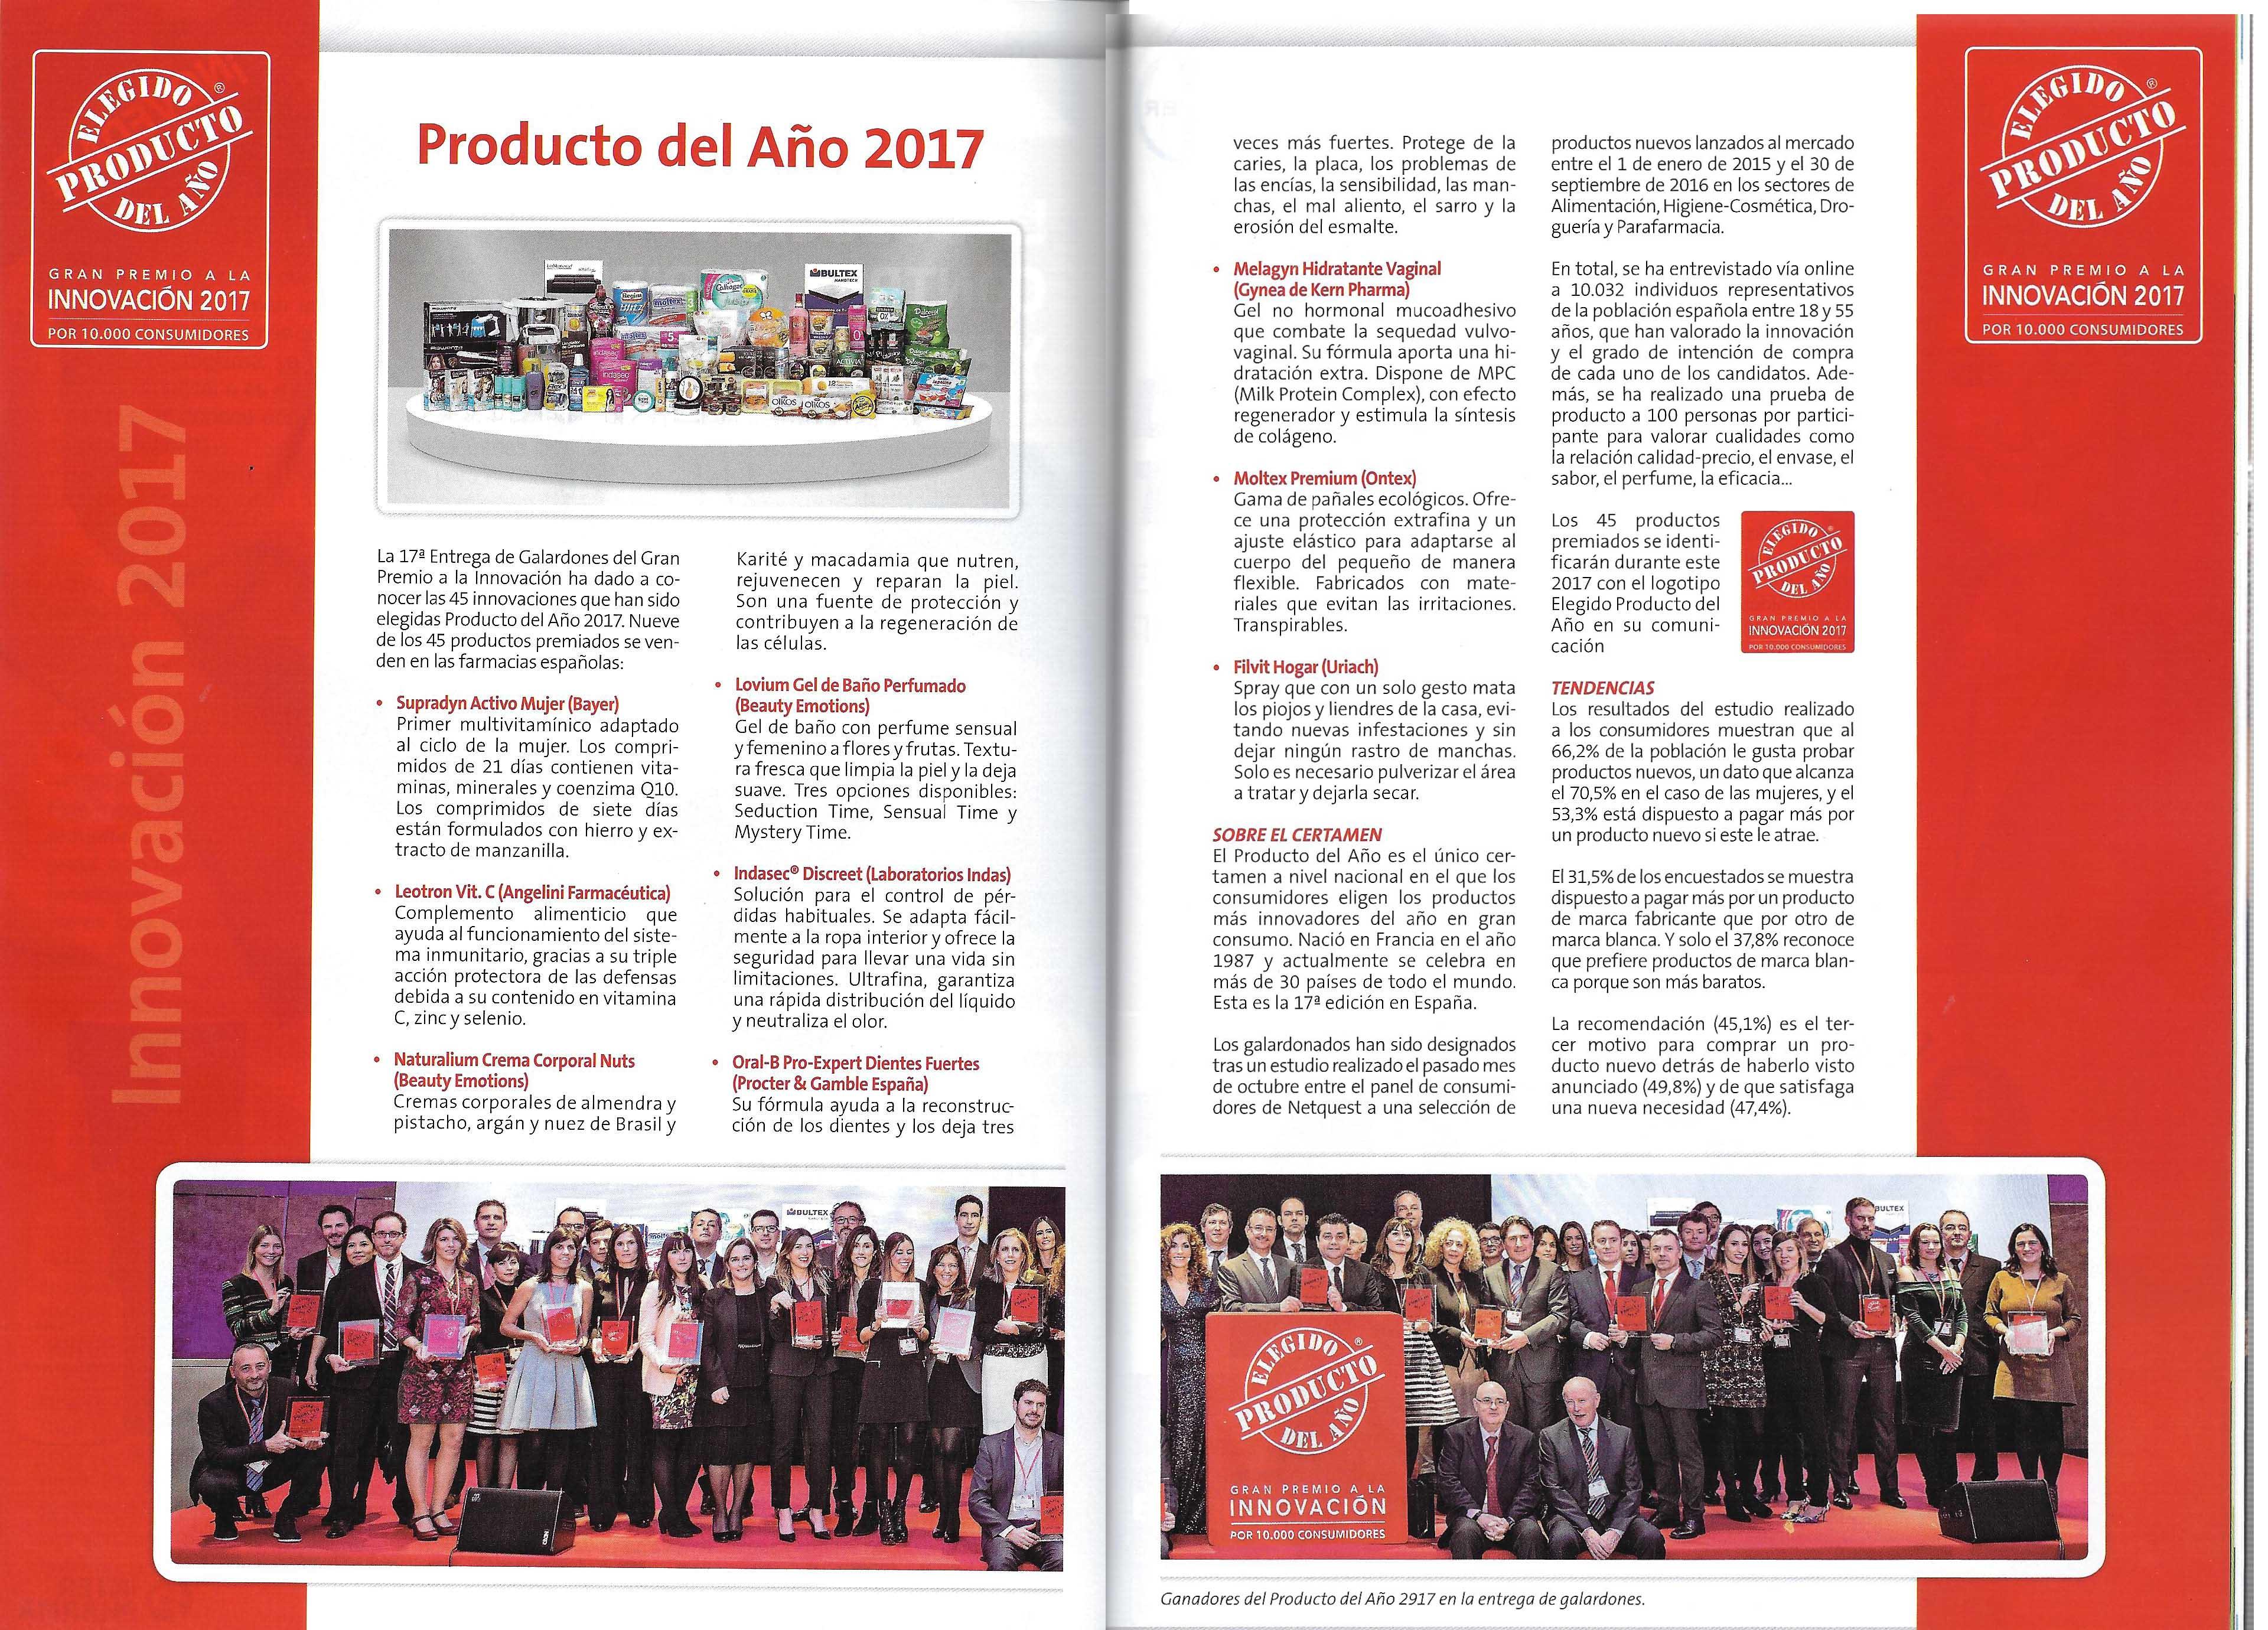 La incorporación de nuevos partners potencia los sectores de perfumería, farmacia y tecnología